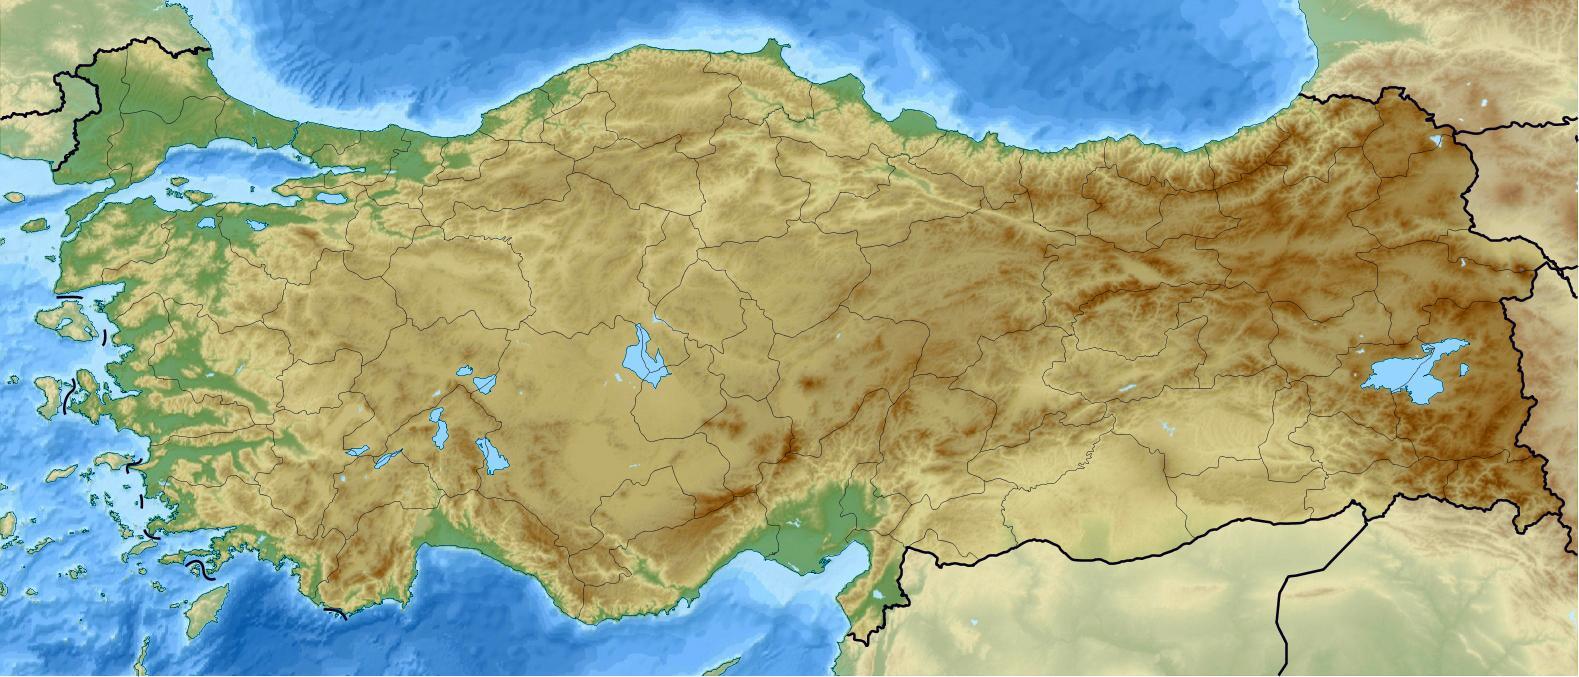 törökország domborzati térkép Törökország domborzati térkép   Térkép Törökország terep (Nyugat  törökország domborzati térkép